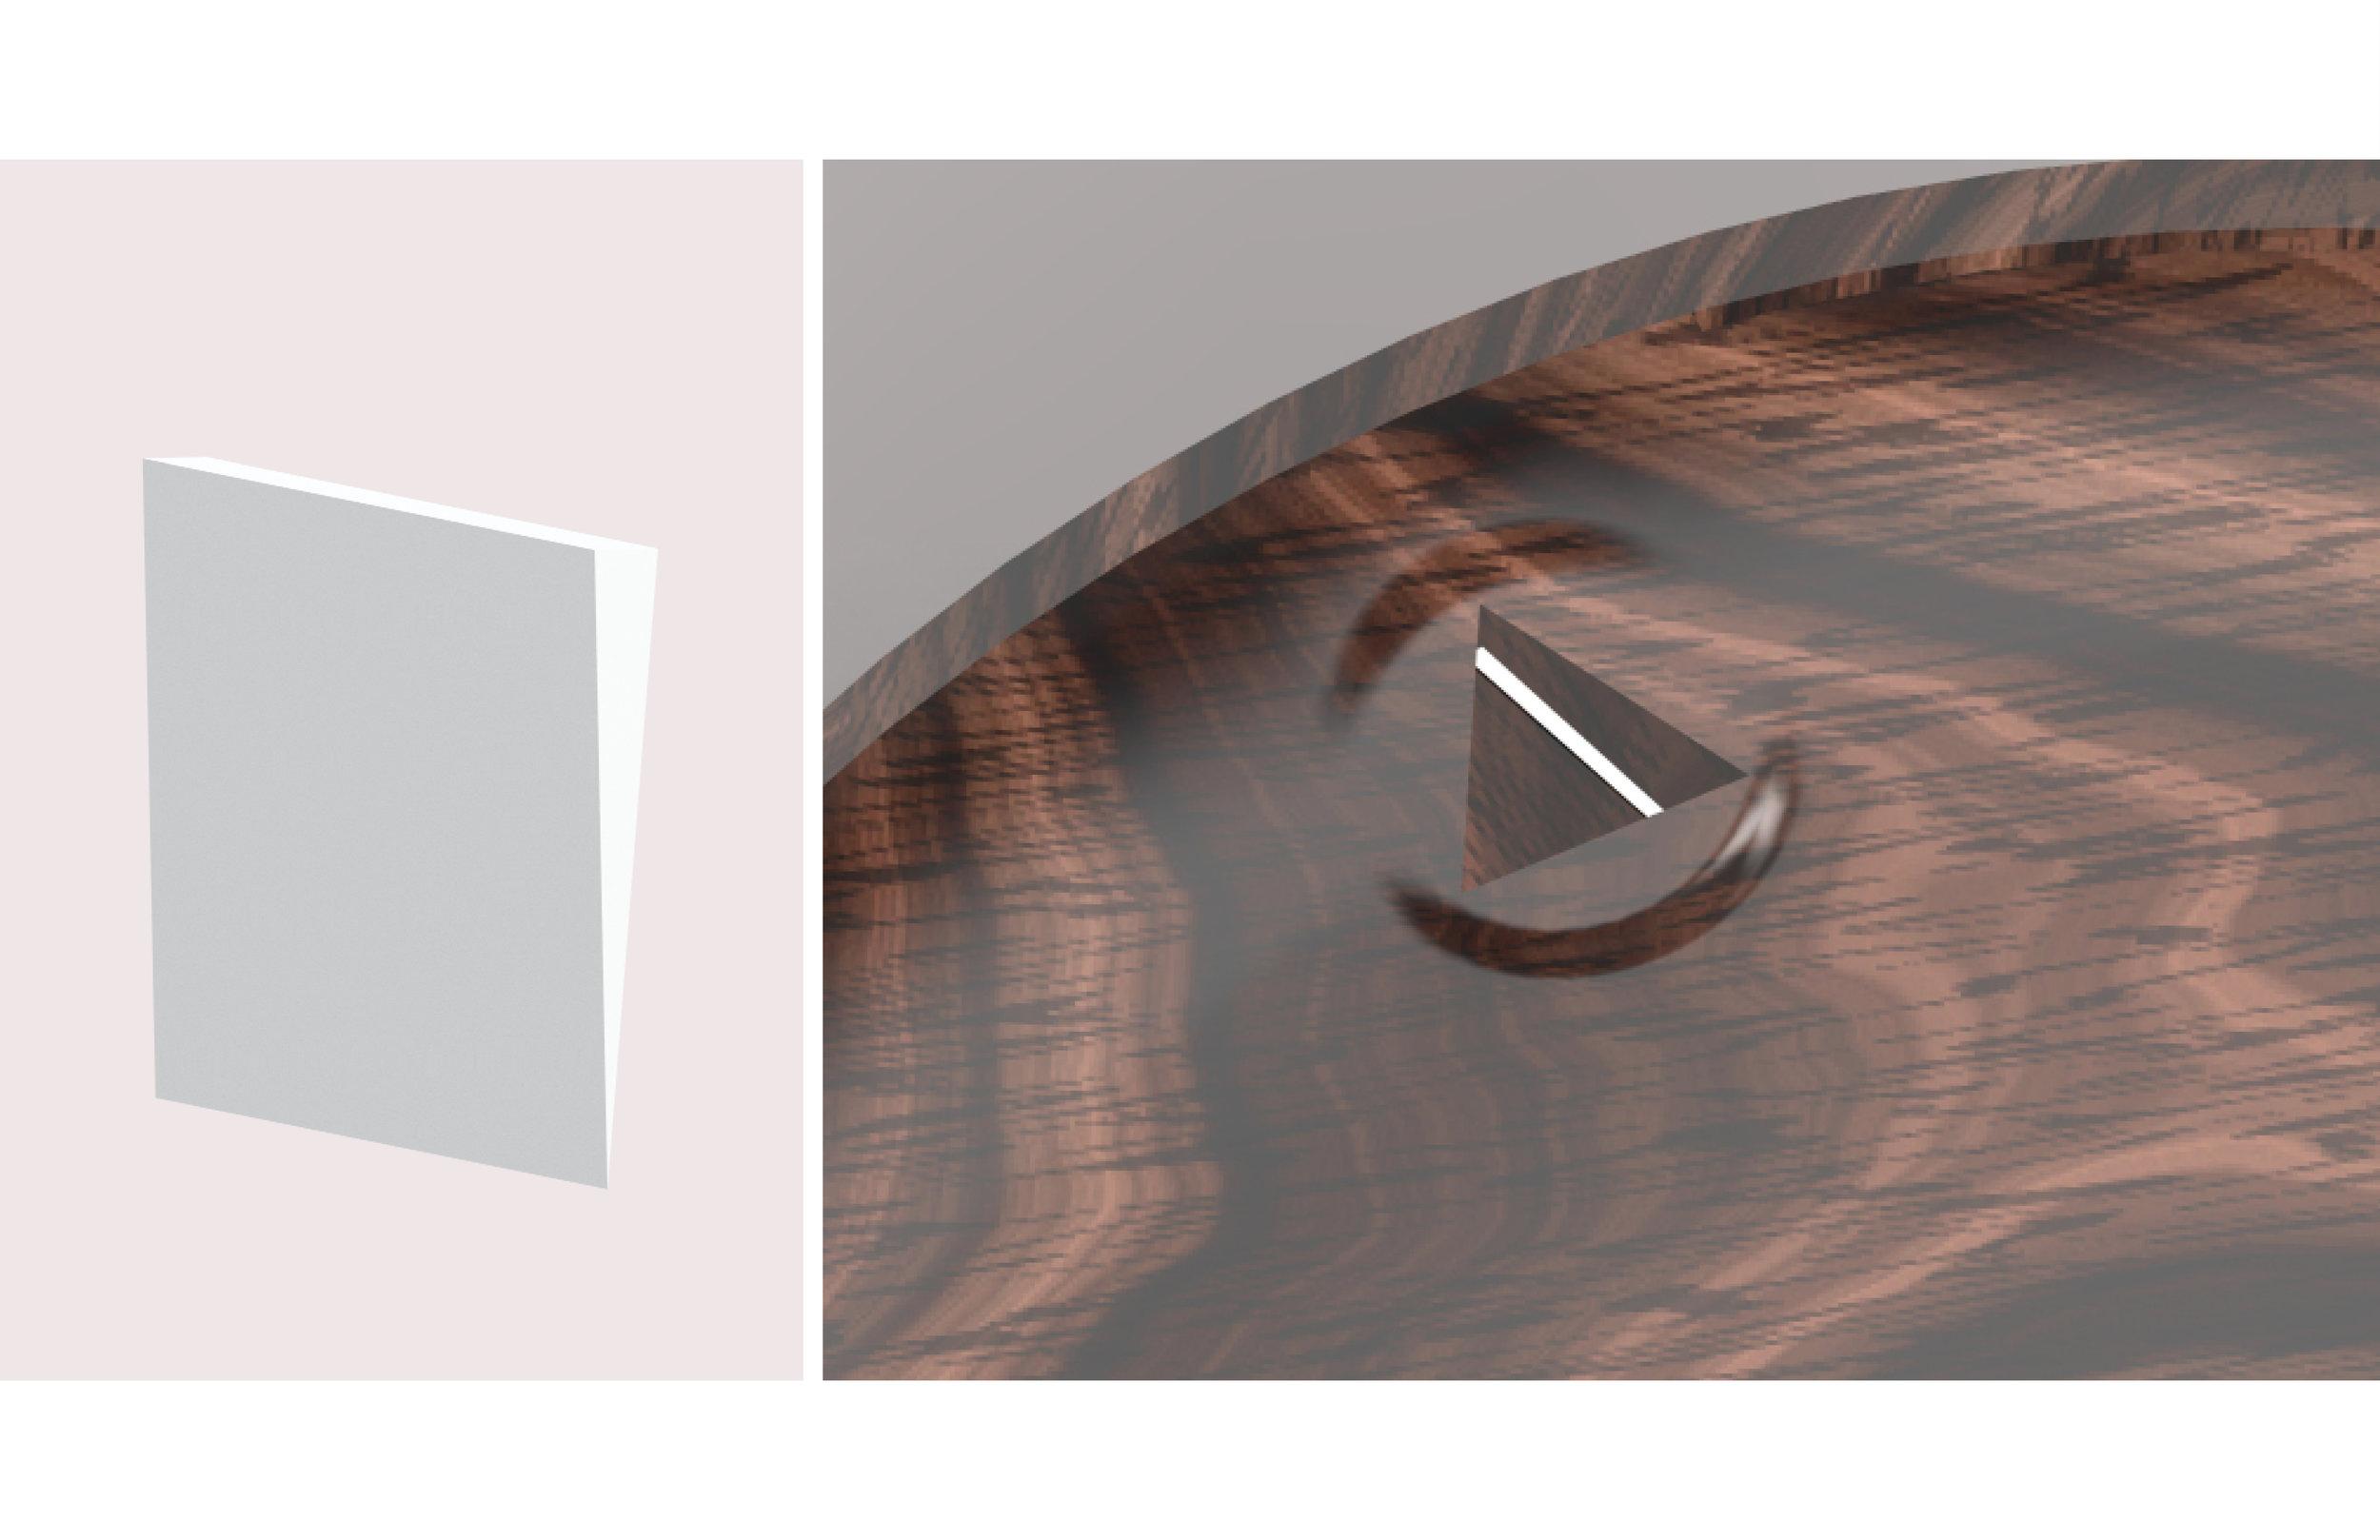 Stool-Renders6.jpg